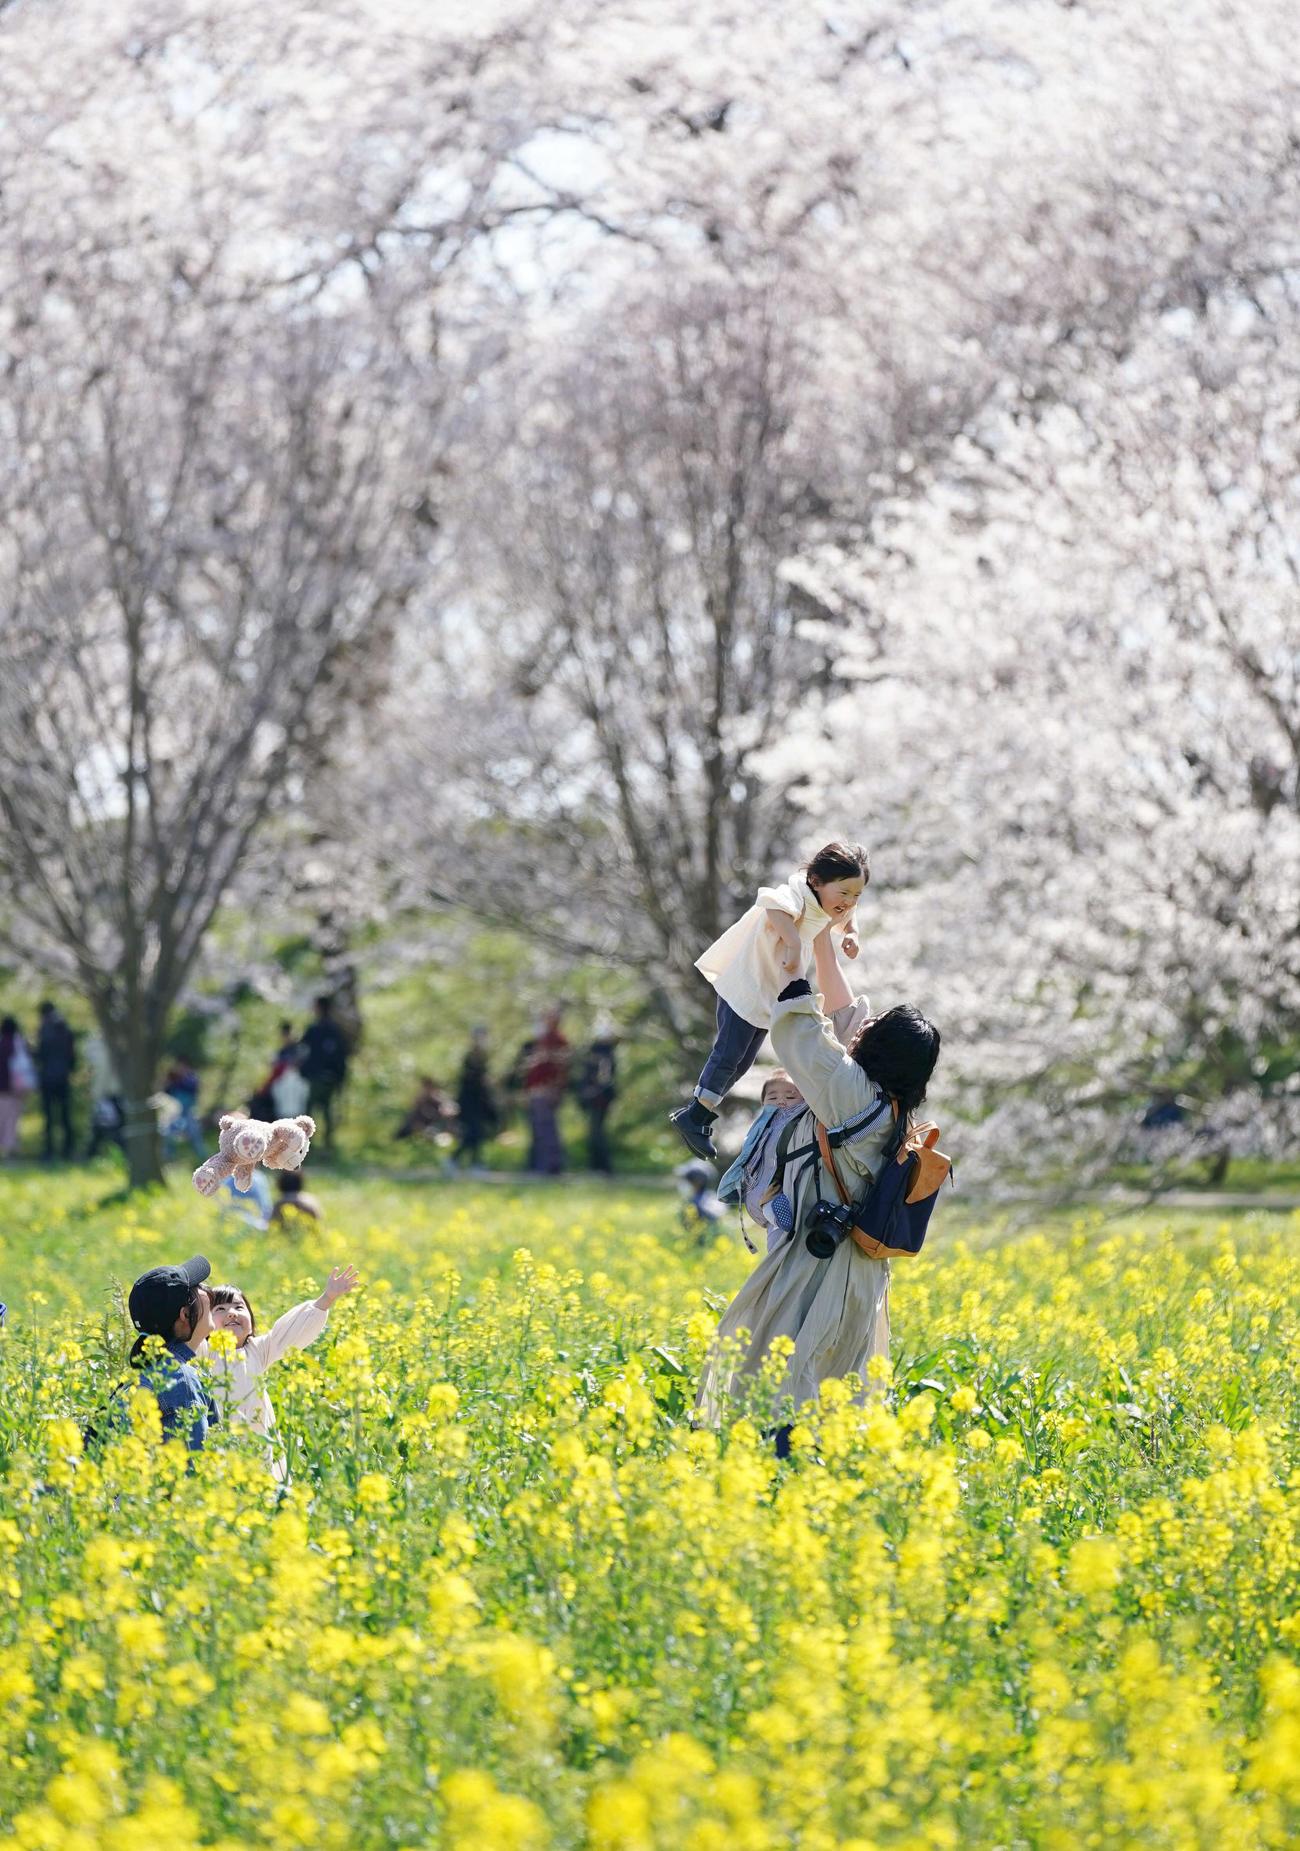 菜の花と桜並木が満開となった権現堂公園で、春を満喫する親子(撮影・加藤諒)